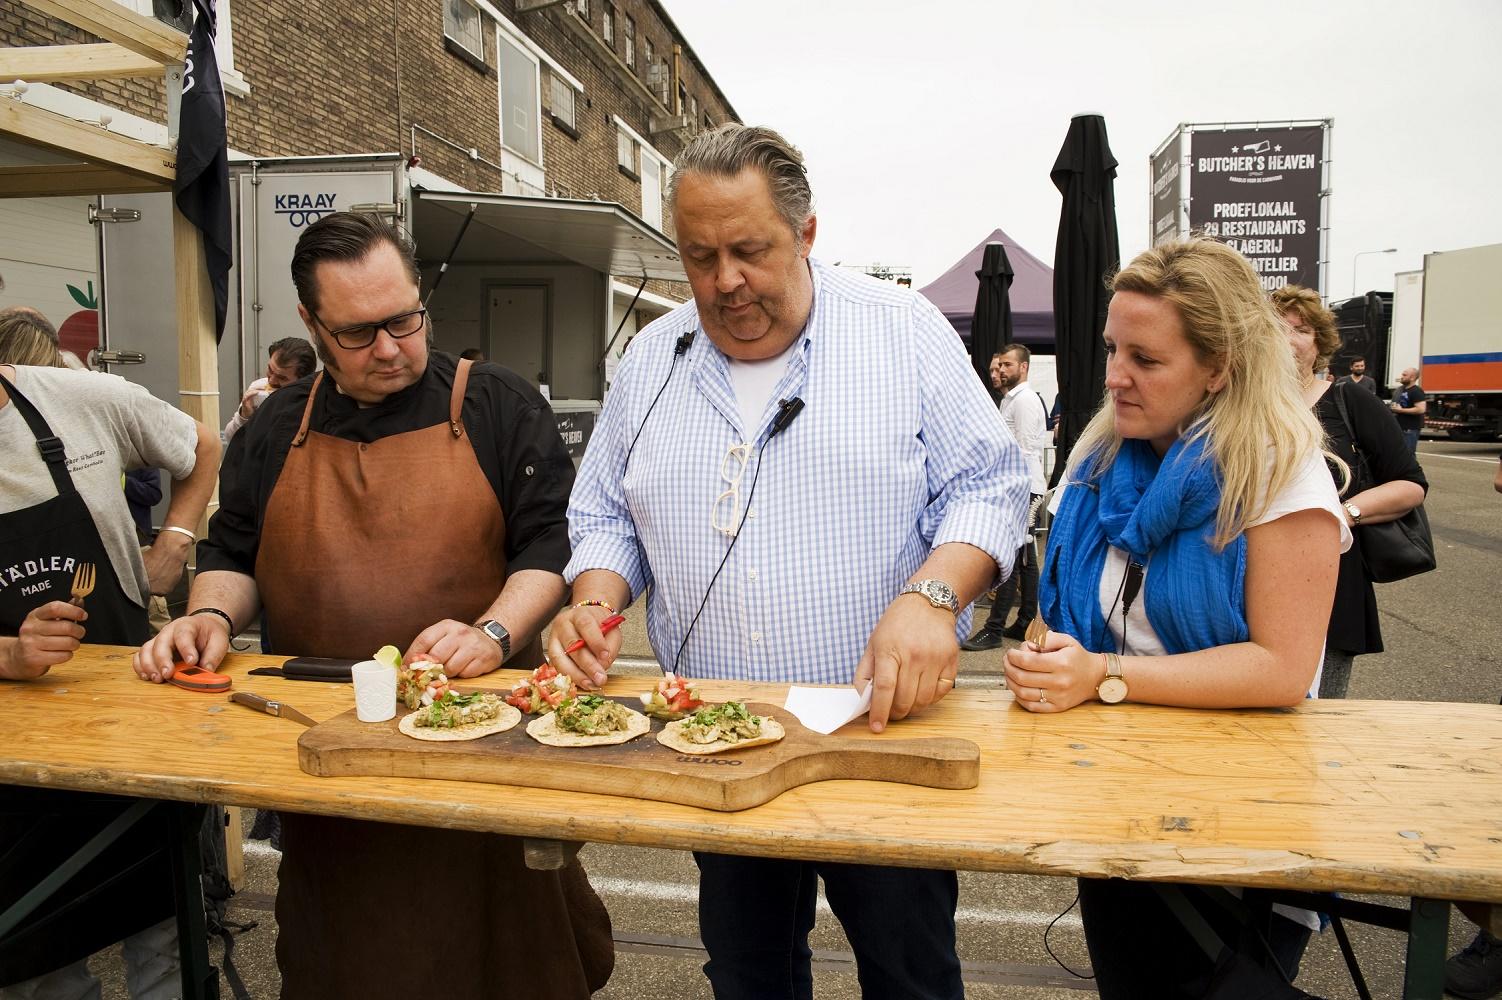 Must-see! Het 'Beer Can in Butt Chicken' Nederlands Kampioenschap